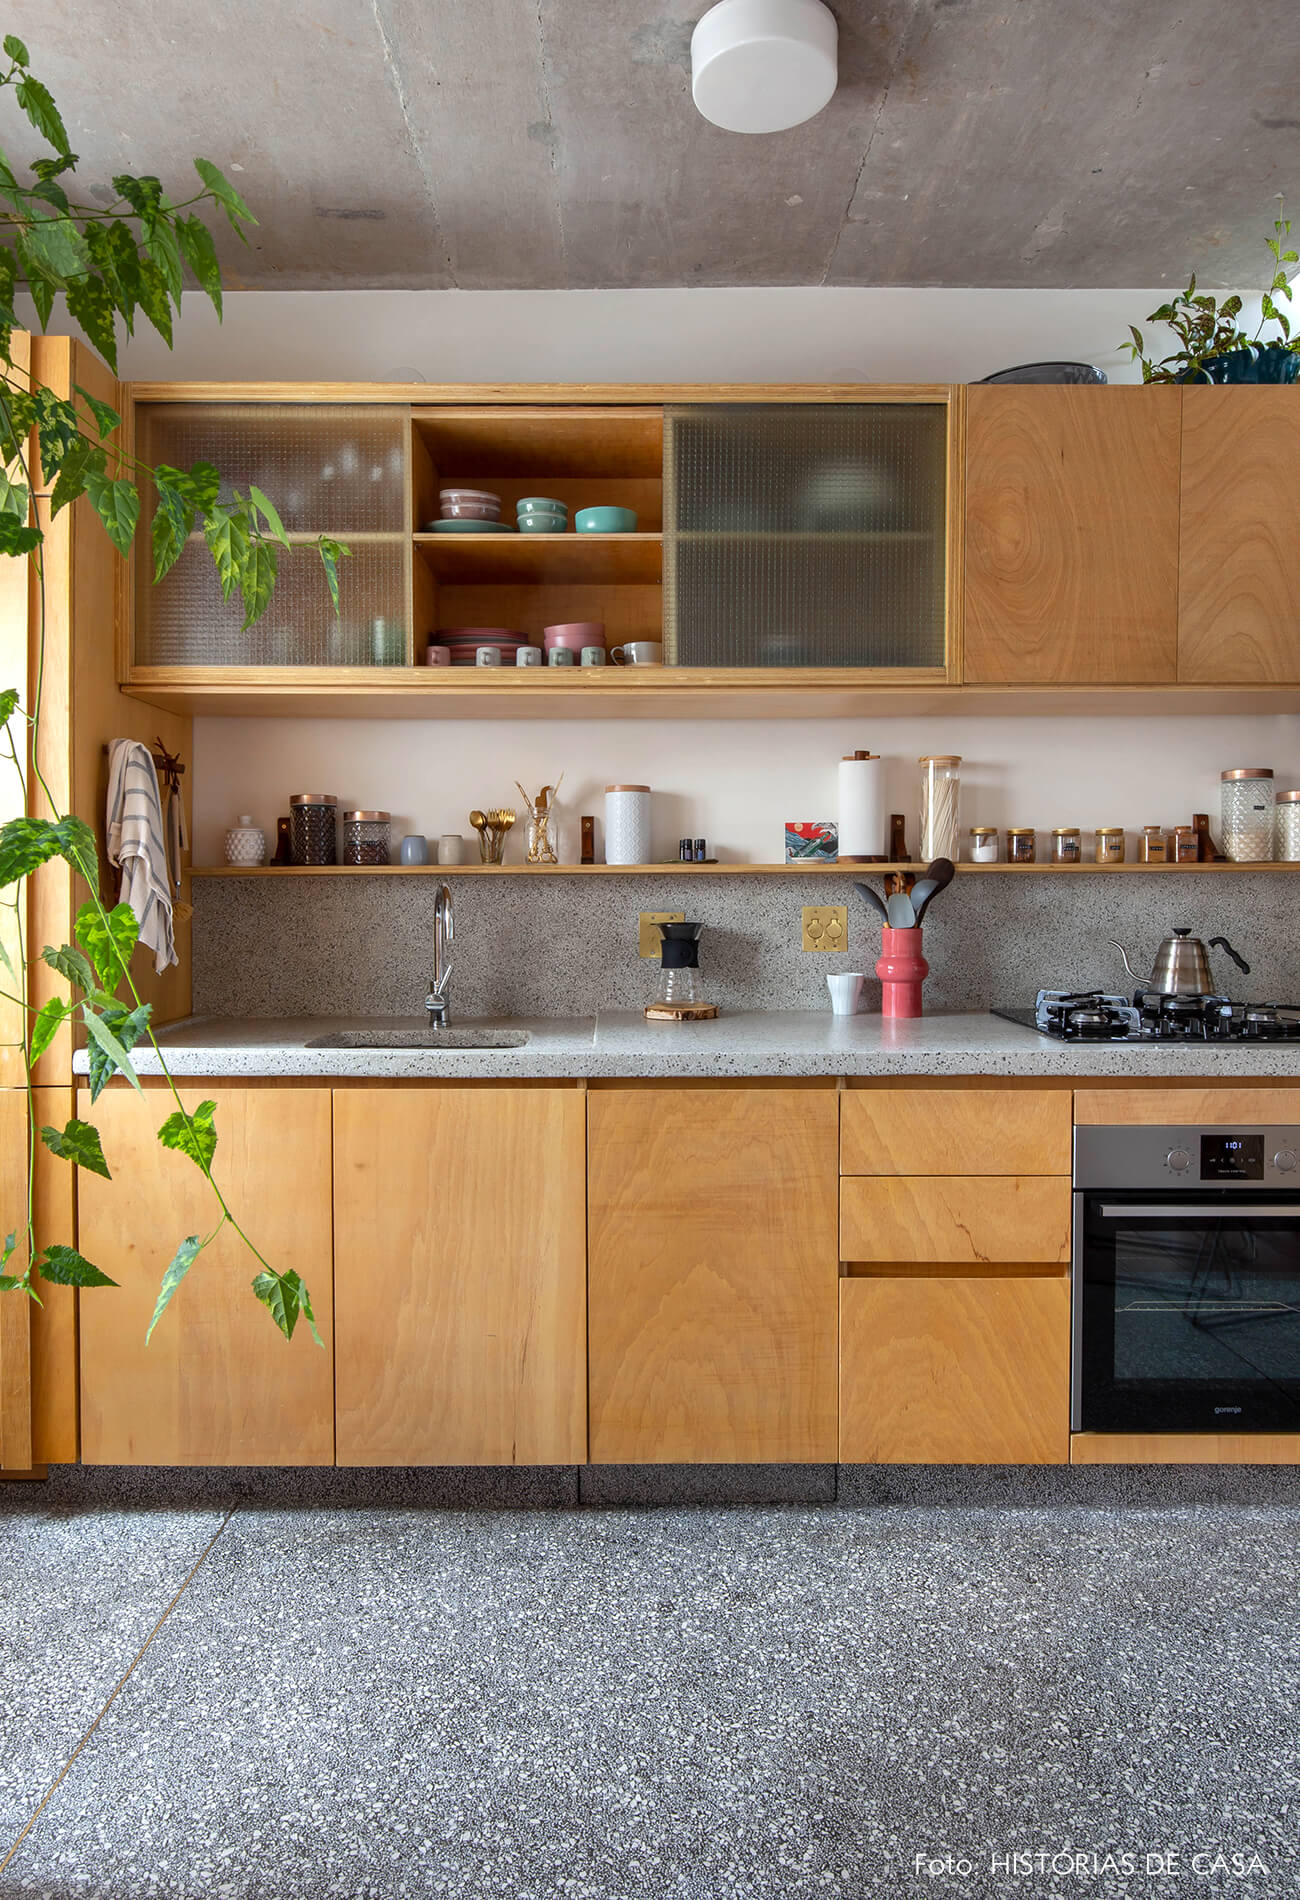 decoração cozinha com armarios de madeira clara